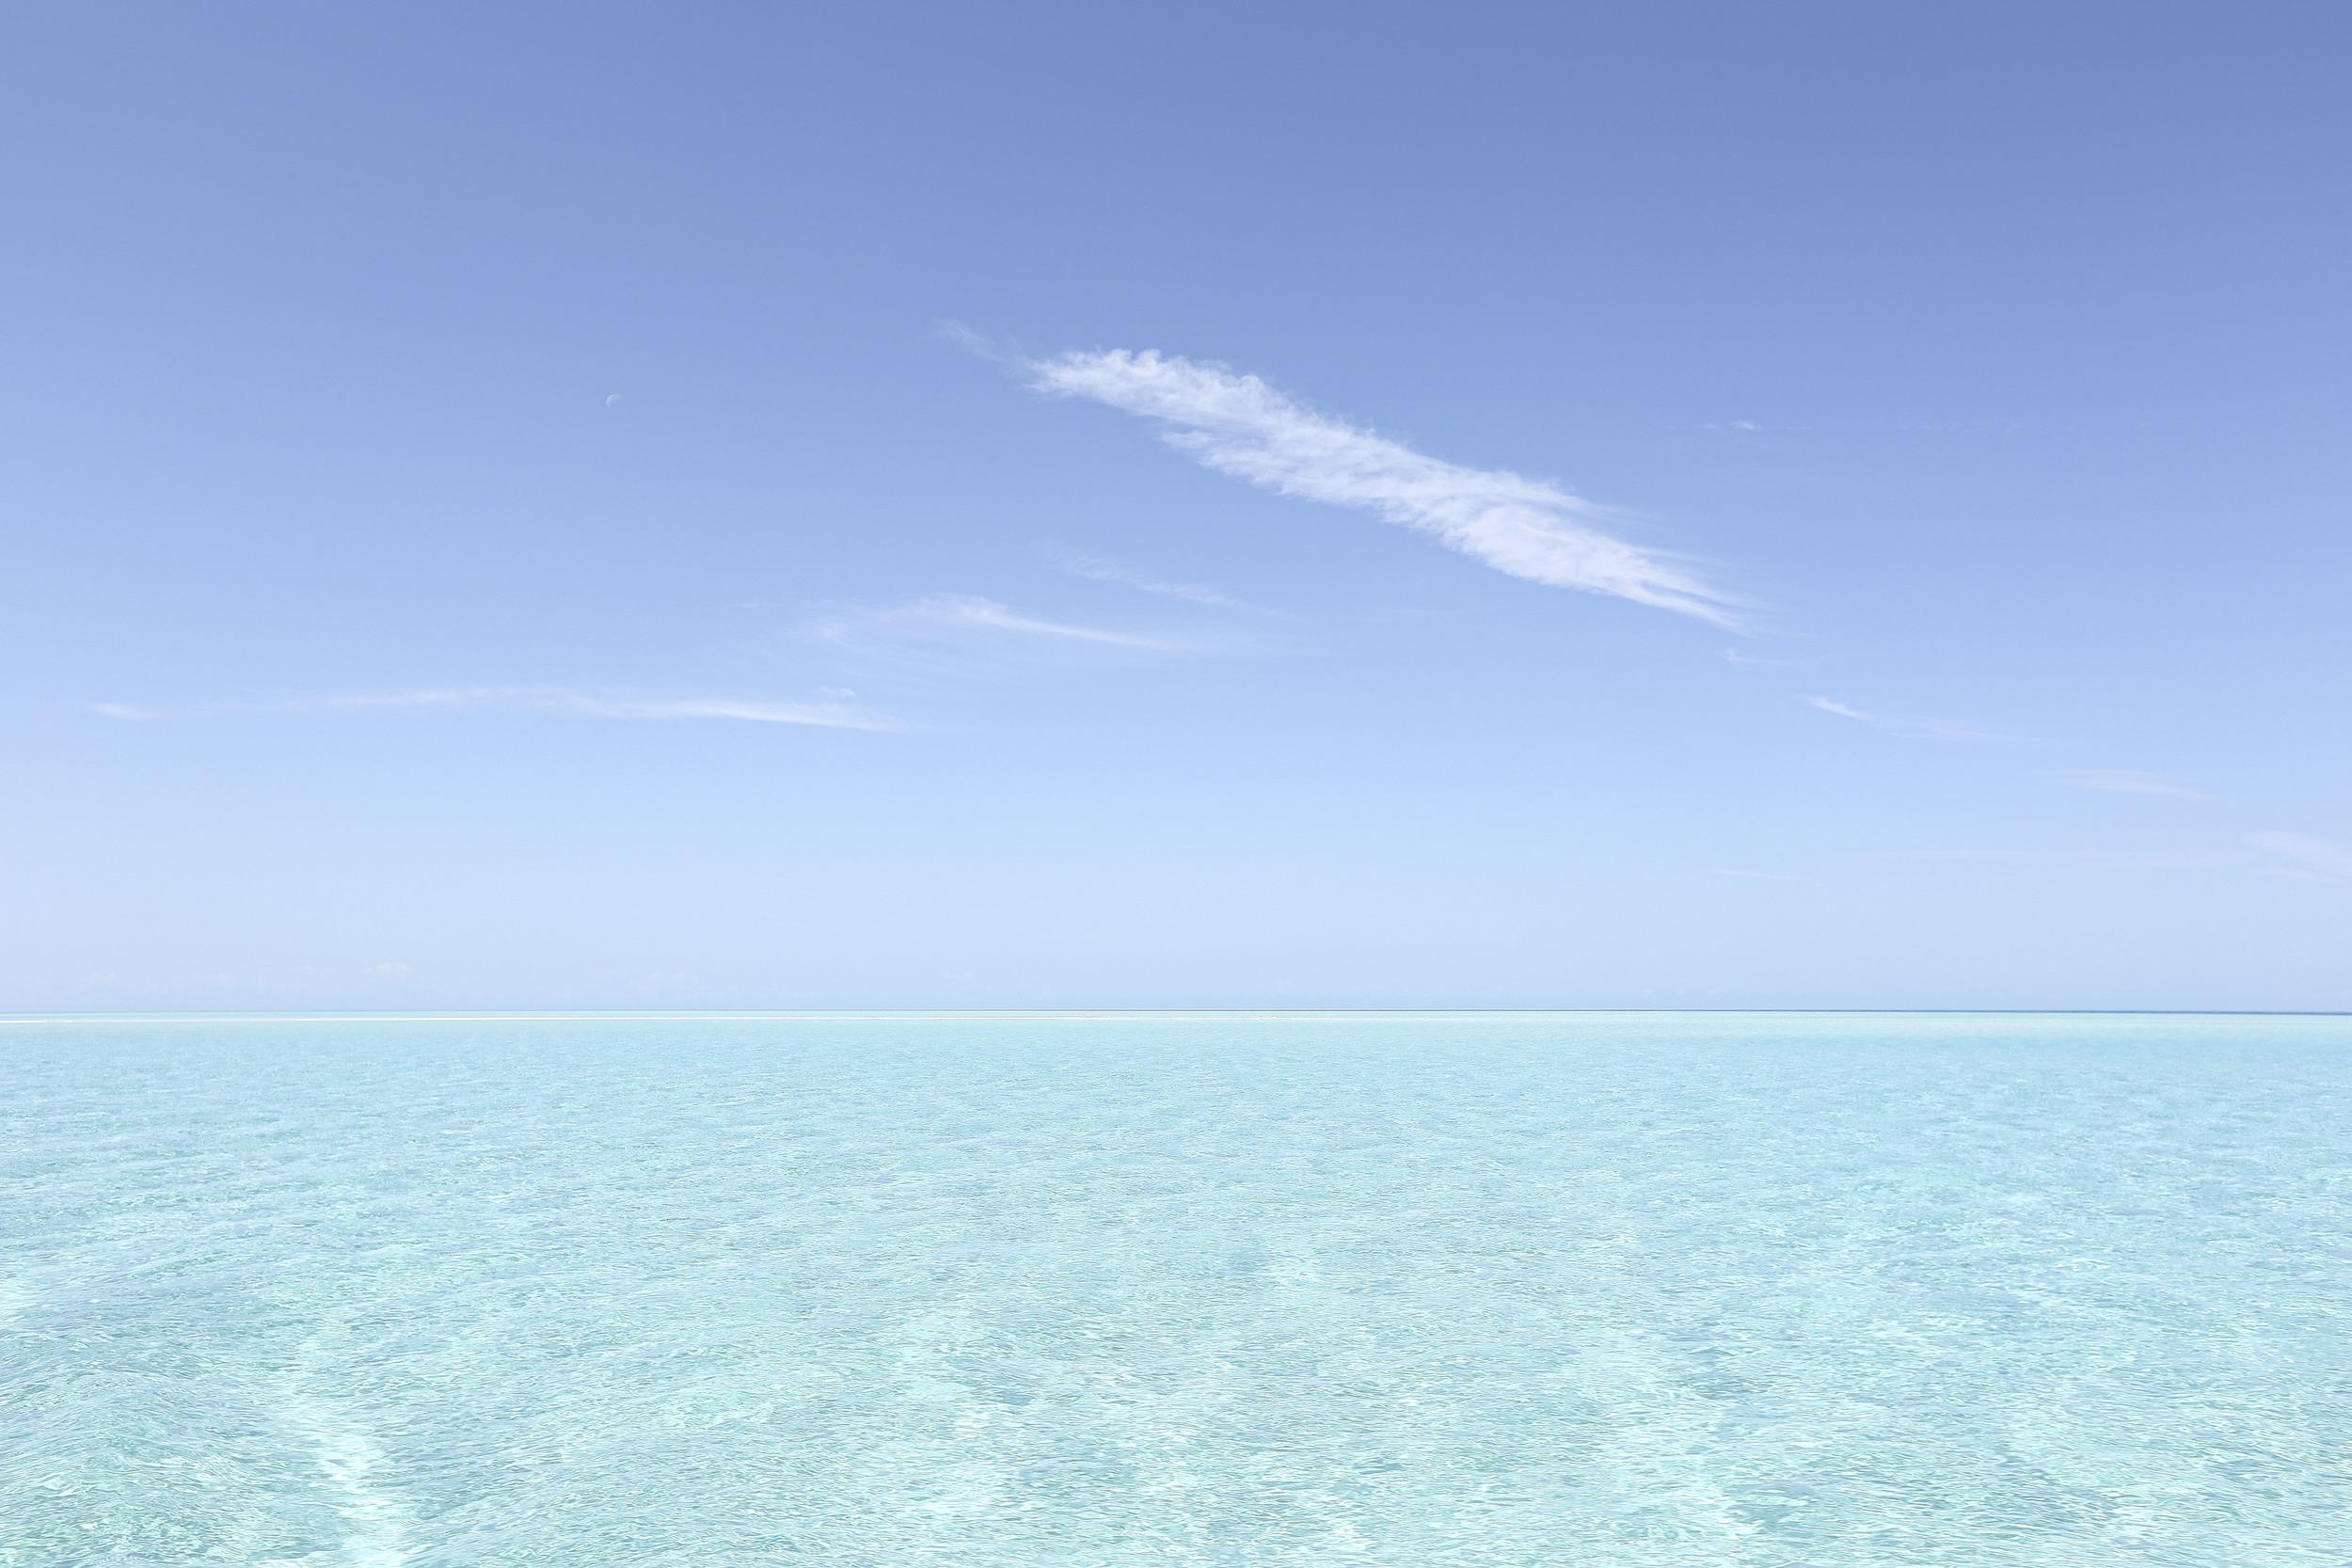 bahamaswater2.jpg